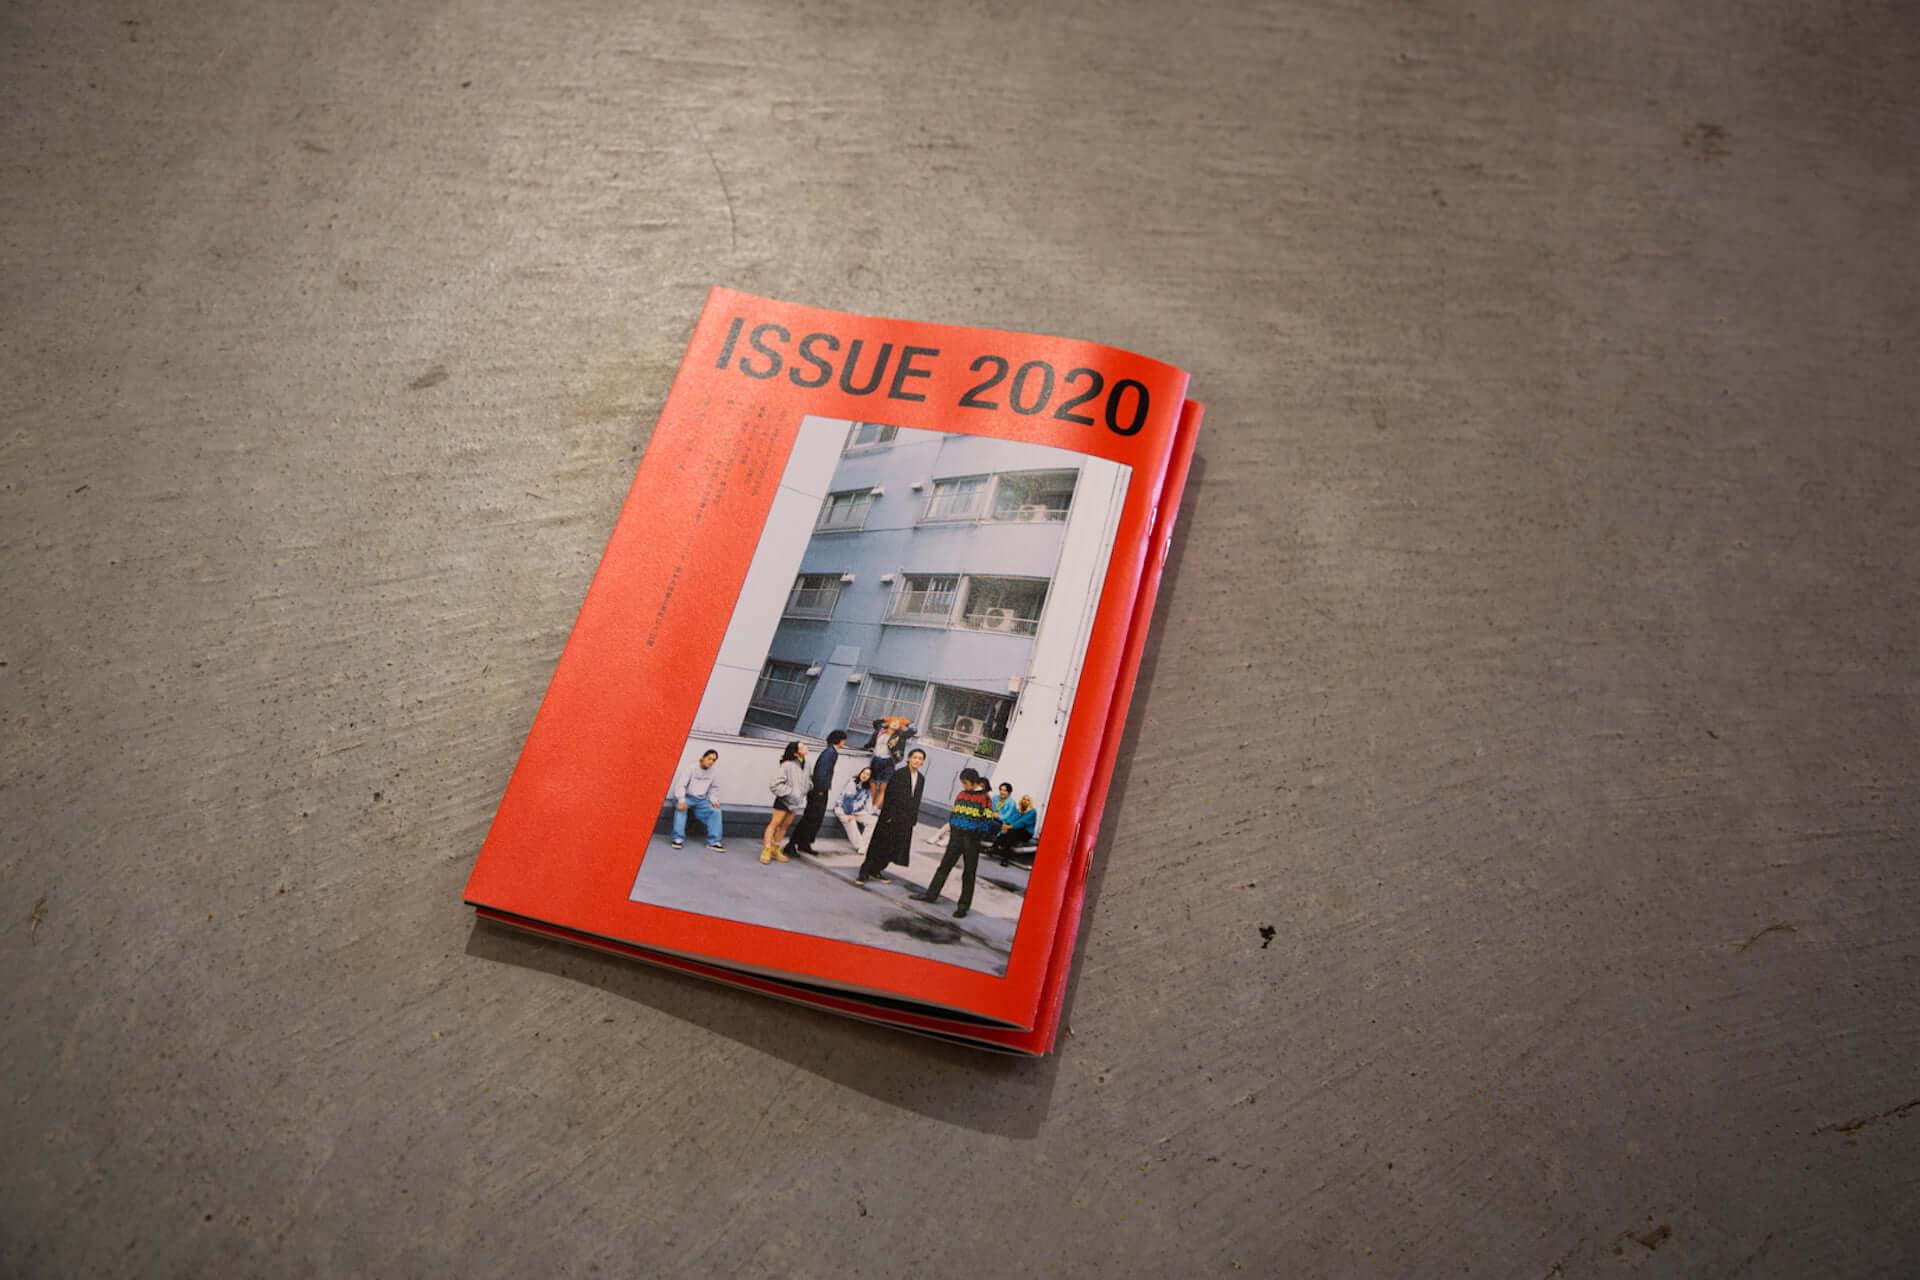 2周年を迎えたウェブメディア「NEUT」が初の雑誌を刊行!コロナ禍やBLMをテーマにした特集など全80ページ収録 art201223_neut_4-1920x1280